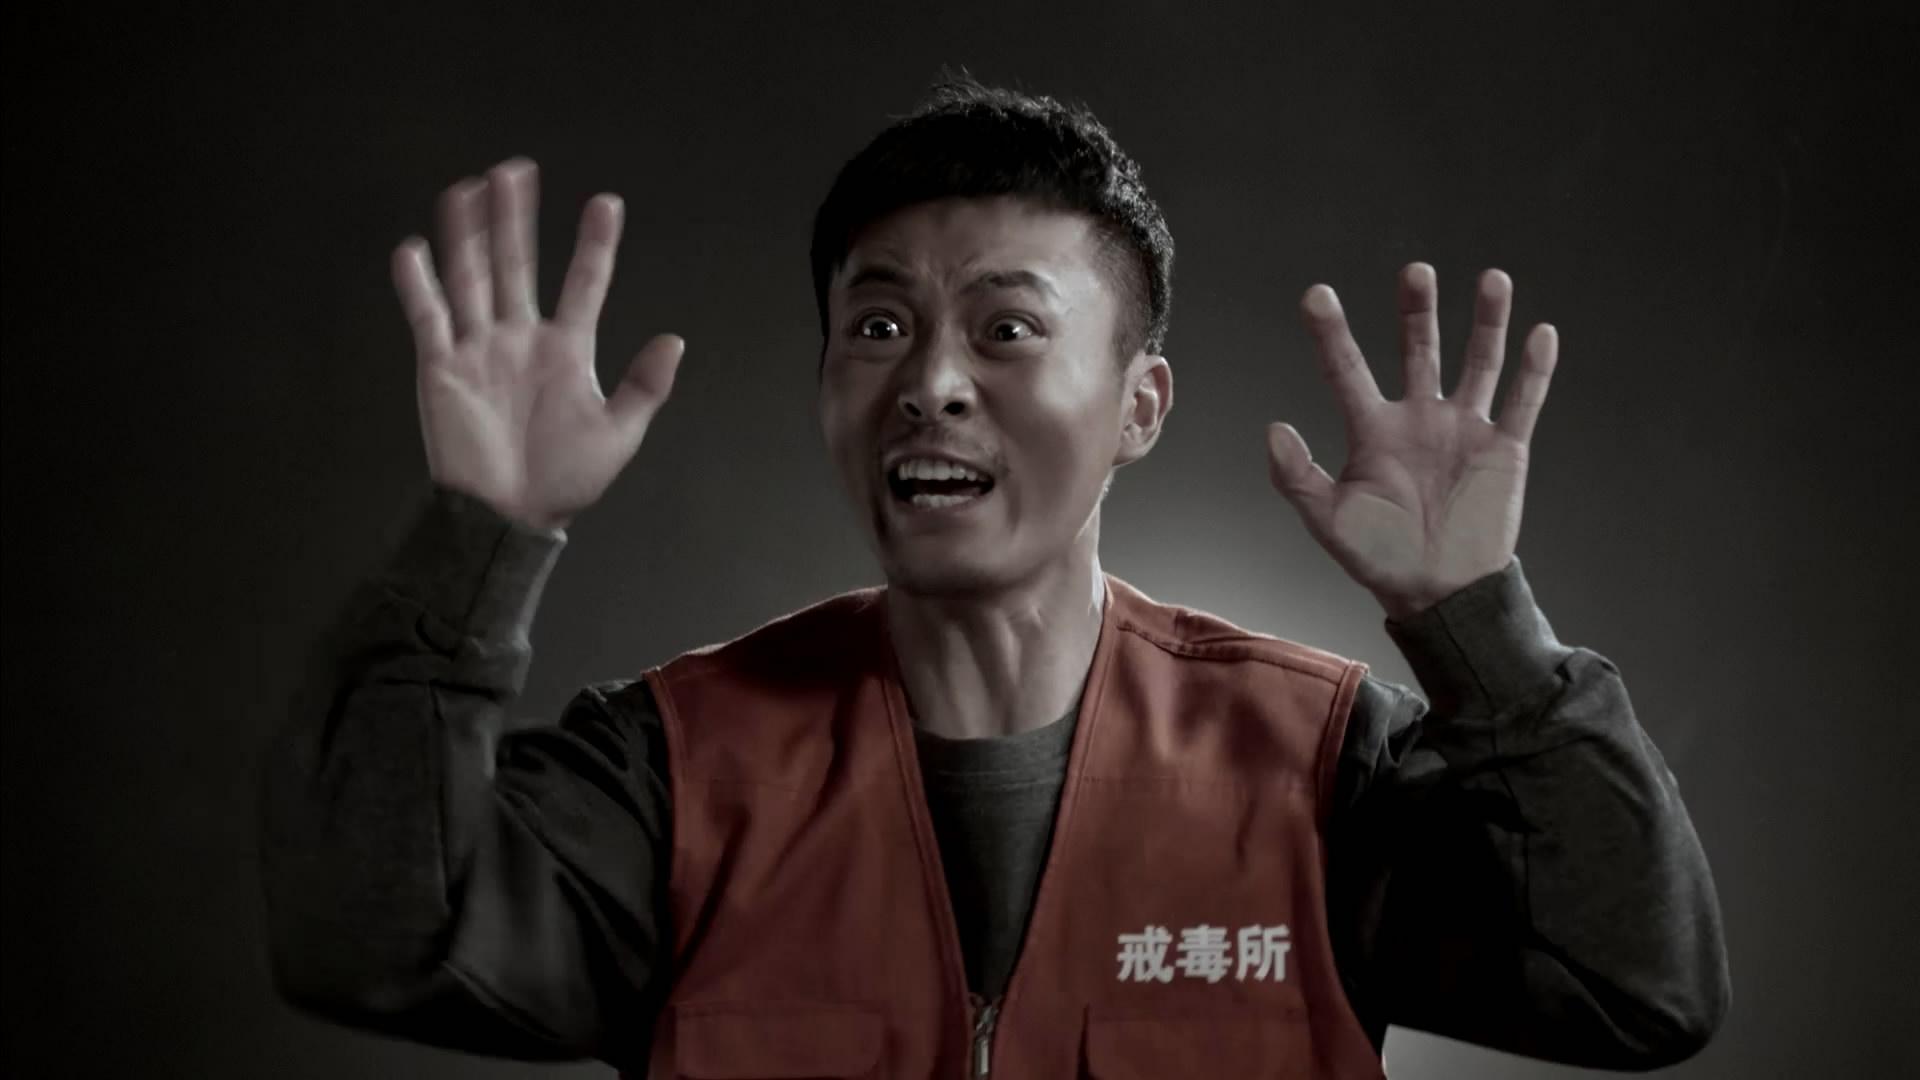 国家禁毒办60秒公益广告:《无助》